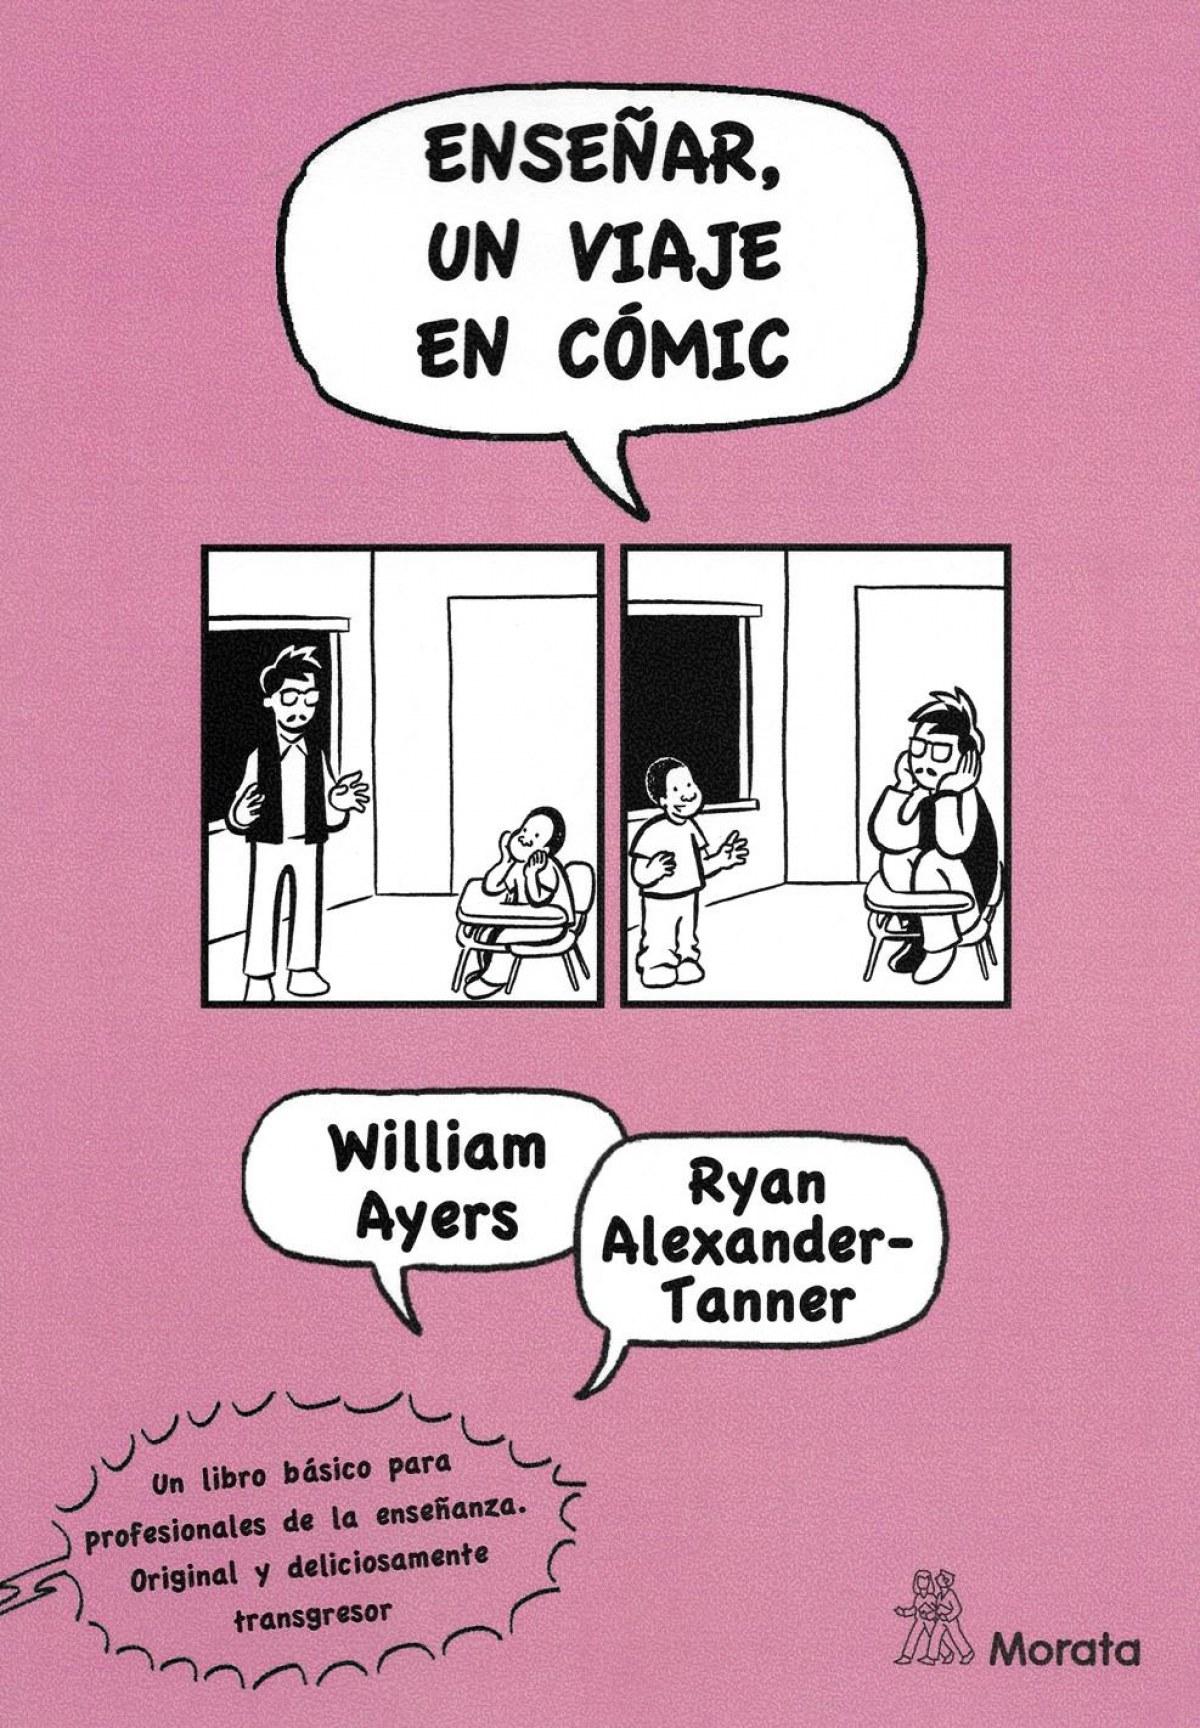 Enseñar: un viaje en comic